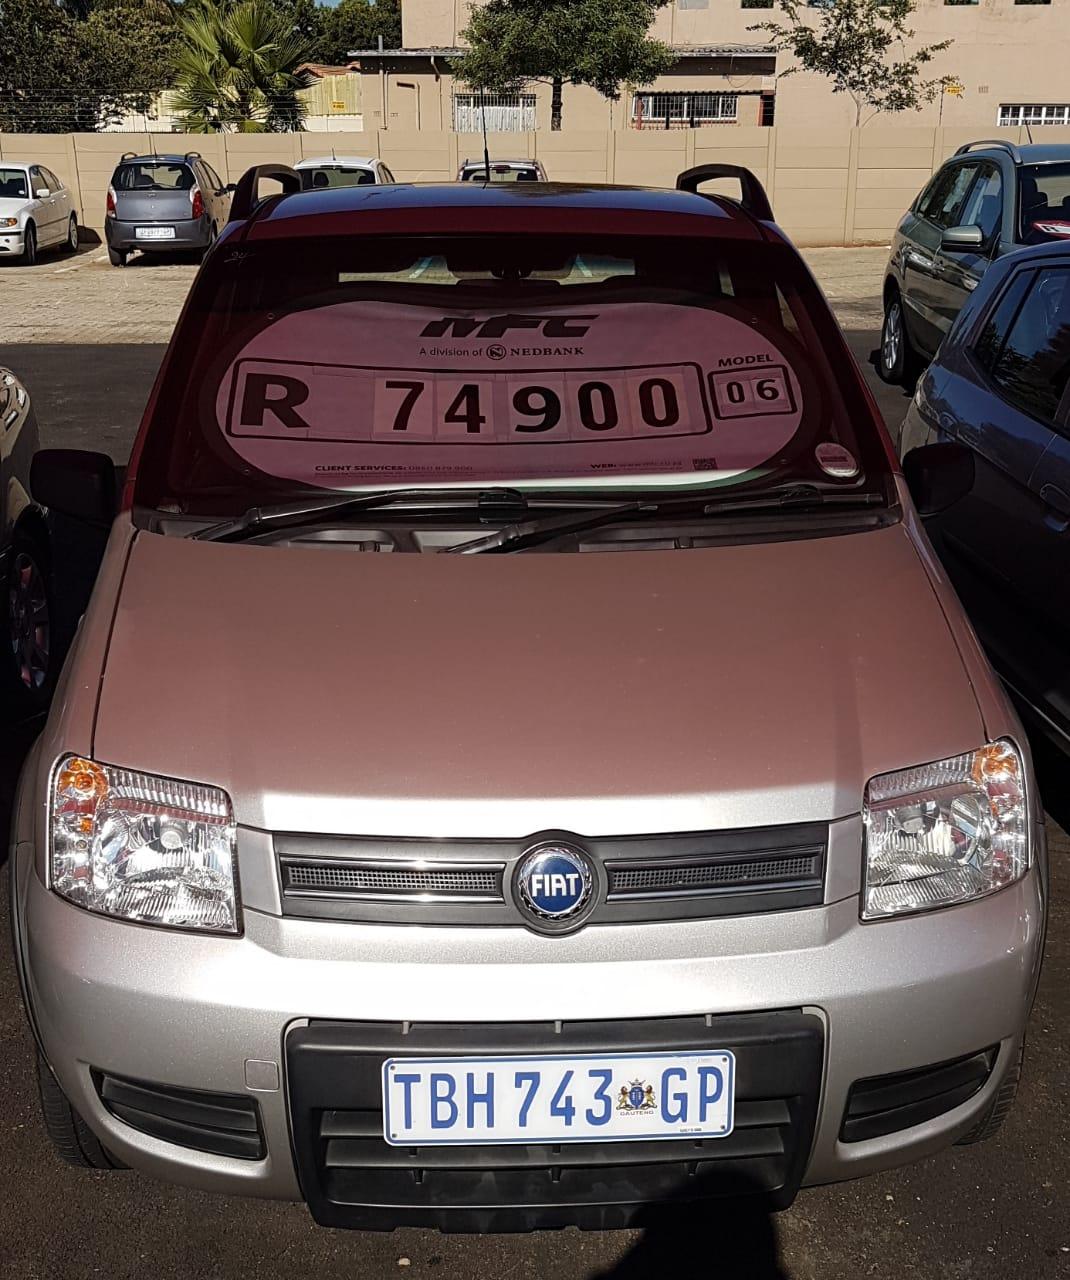 2006 Fiat Panda 1.2 4x4 Climbing